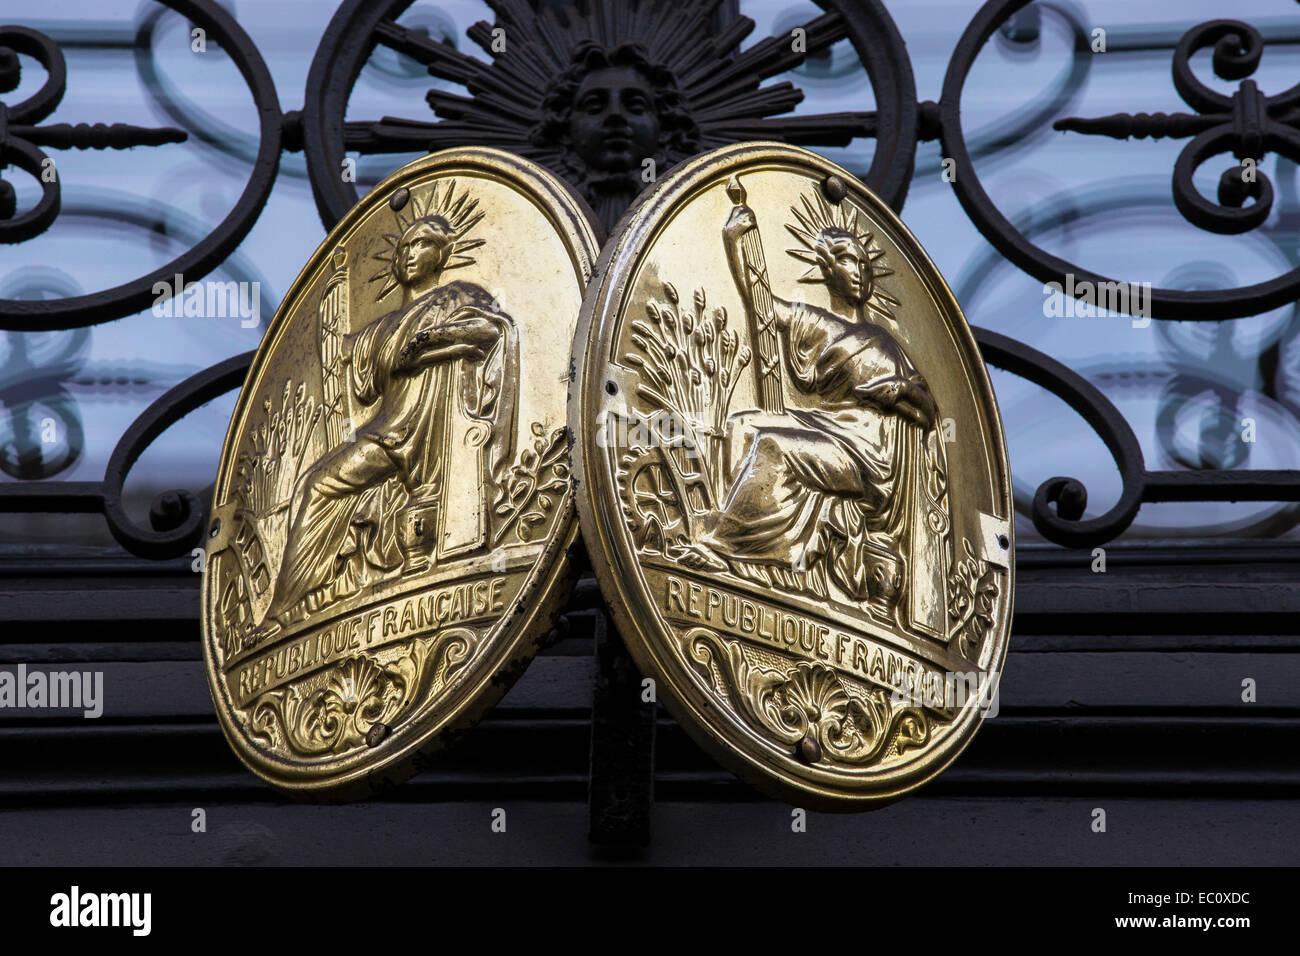 republique francaise plaque crest symbol - Stock Image